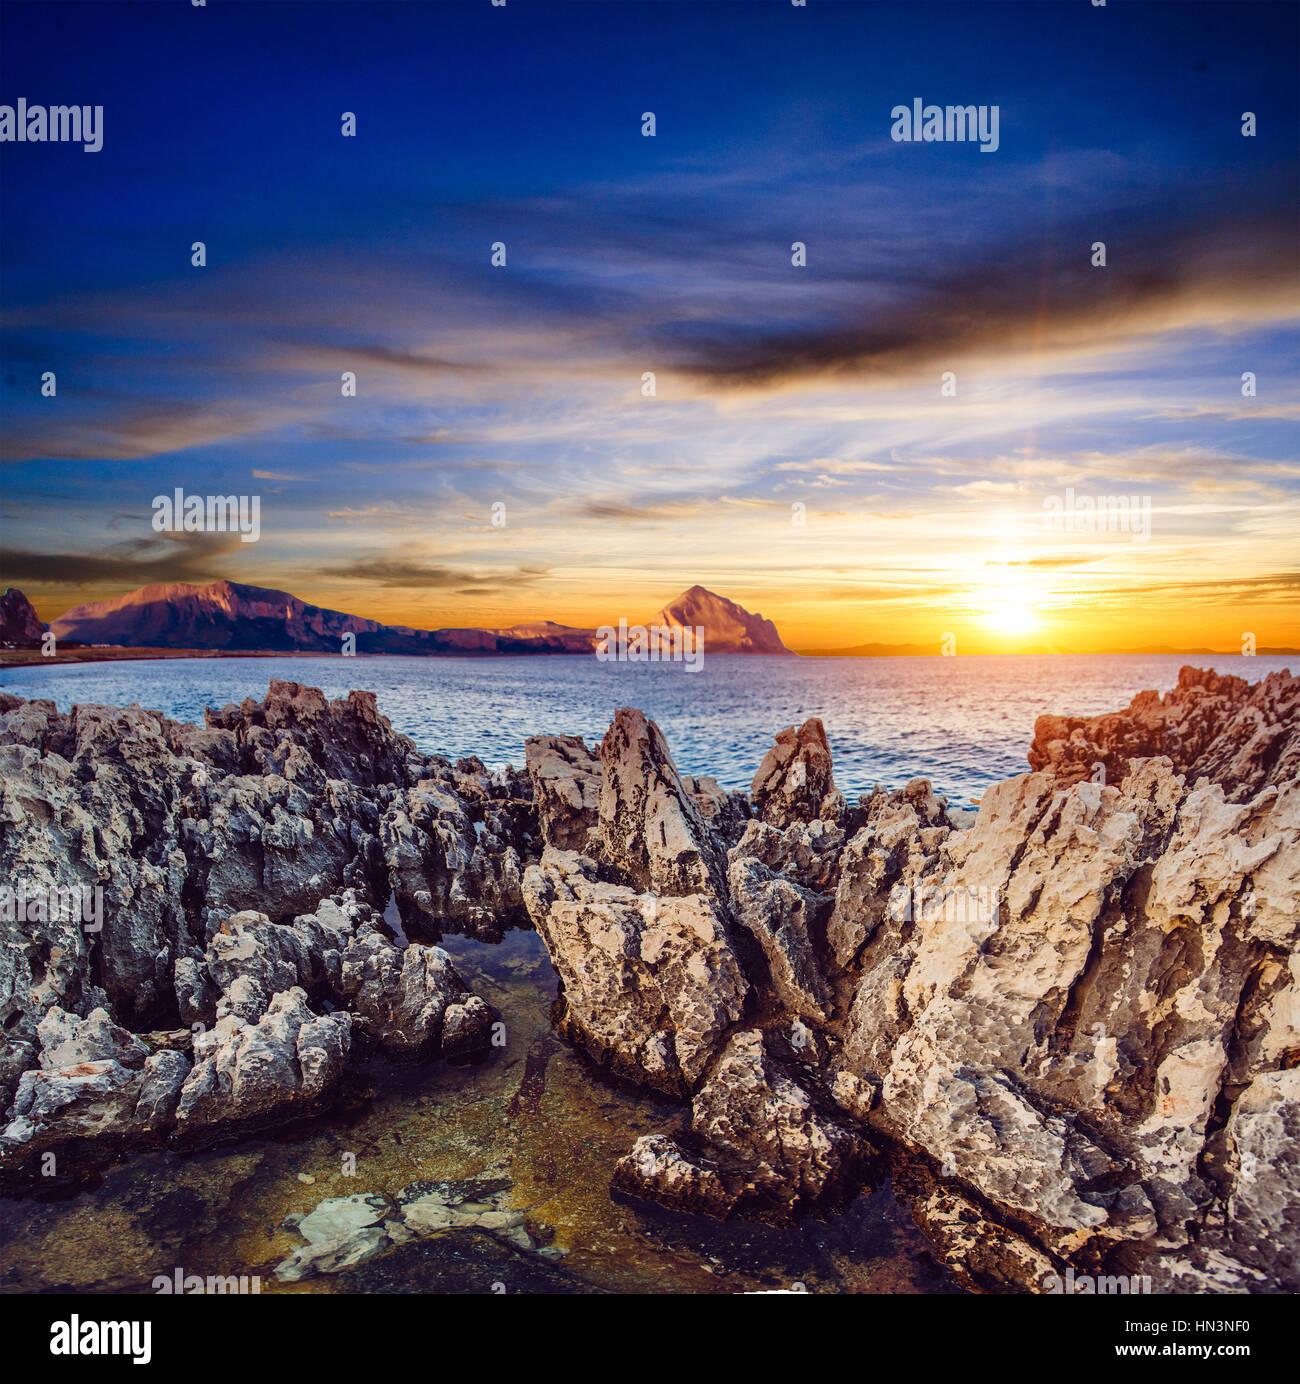 Sonnenuntergang über den Felsen. Stockbild